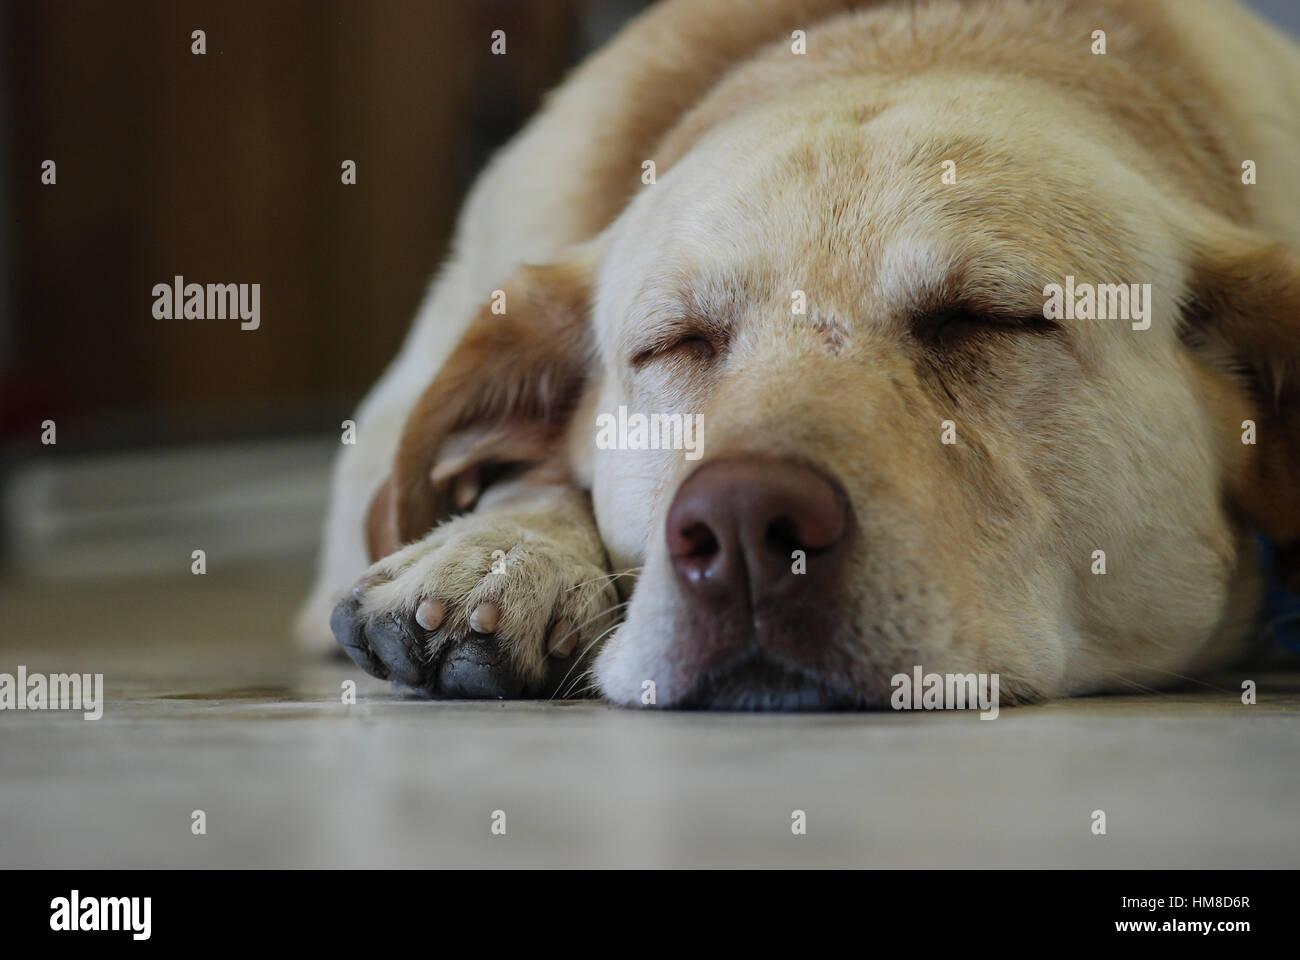 sleepy dog - Stock Image